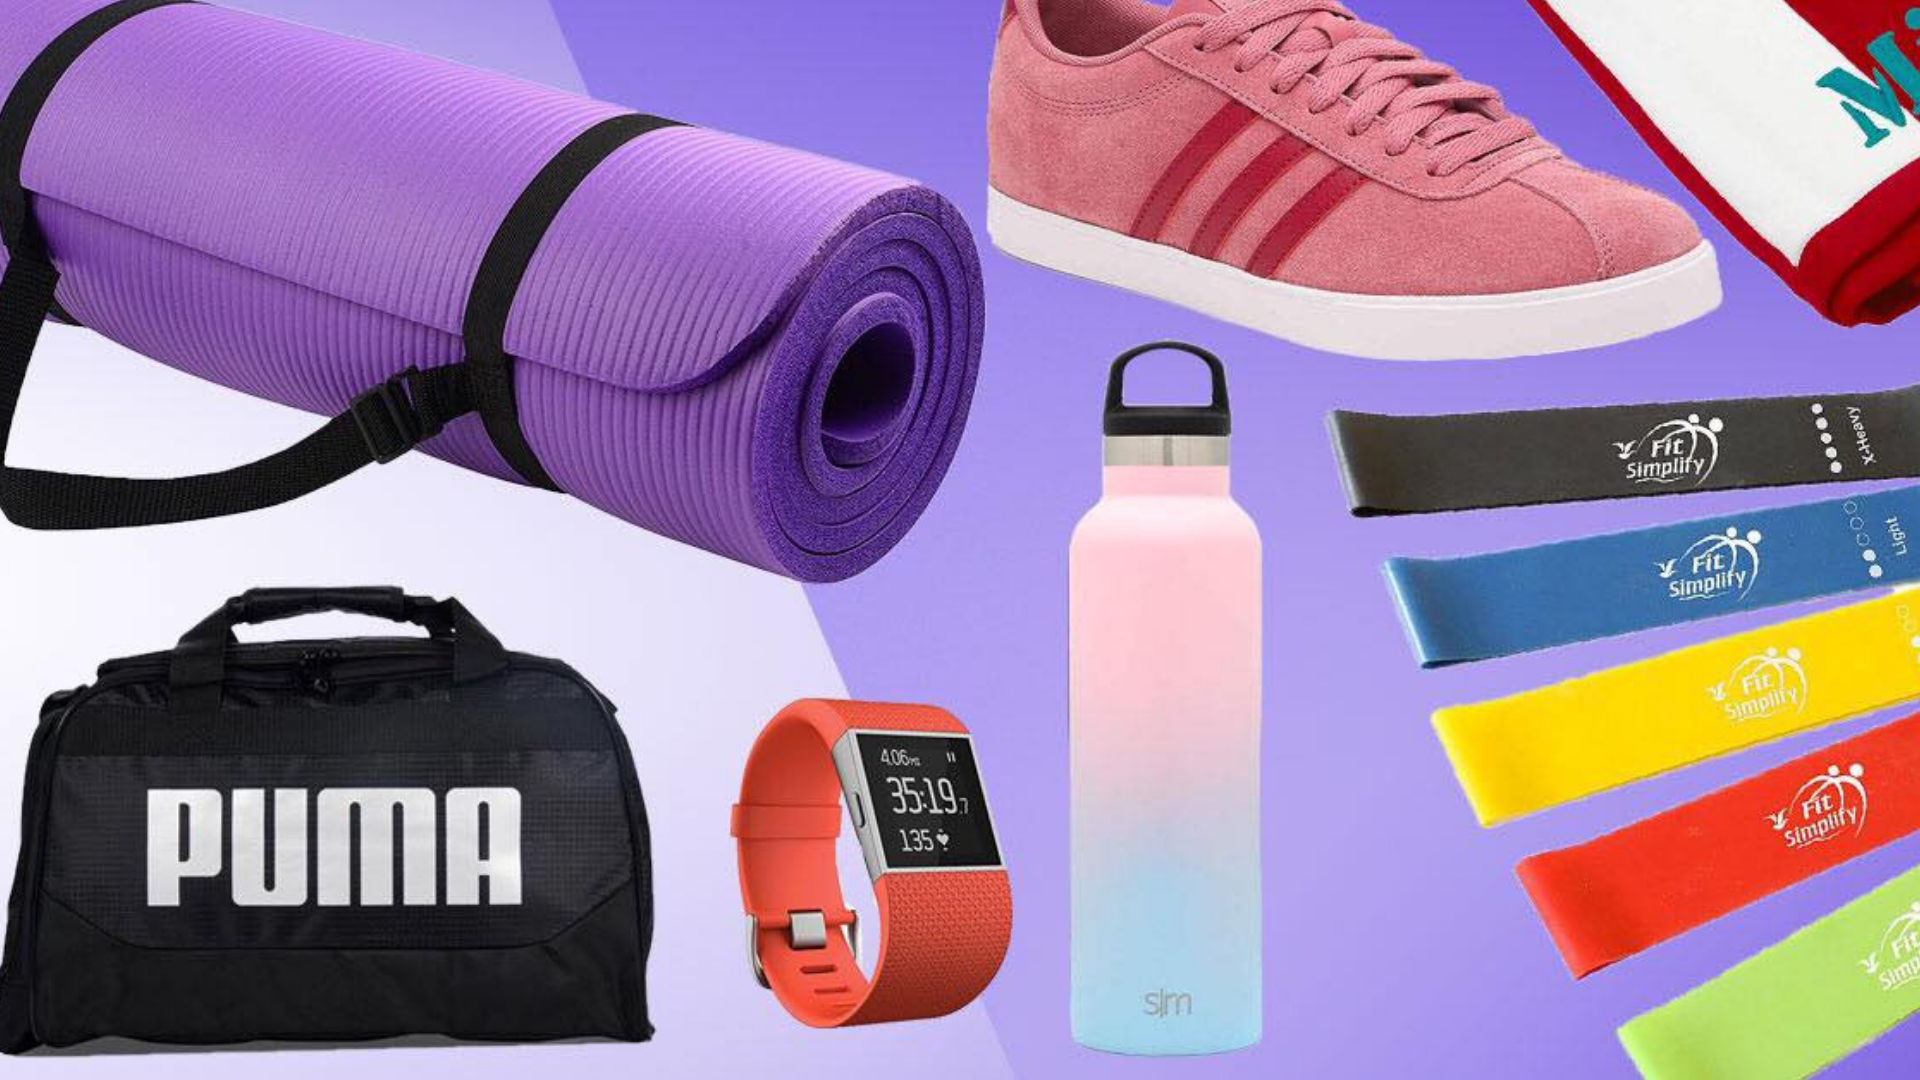 Що подарувати на День Закоханих спортивної дівчині: логічні і цікаві варіації подарунків